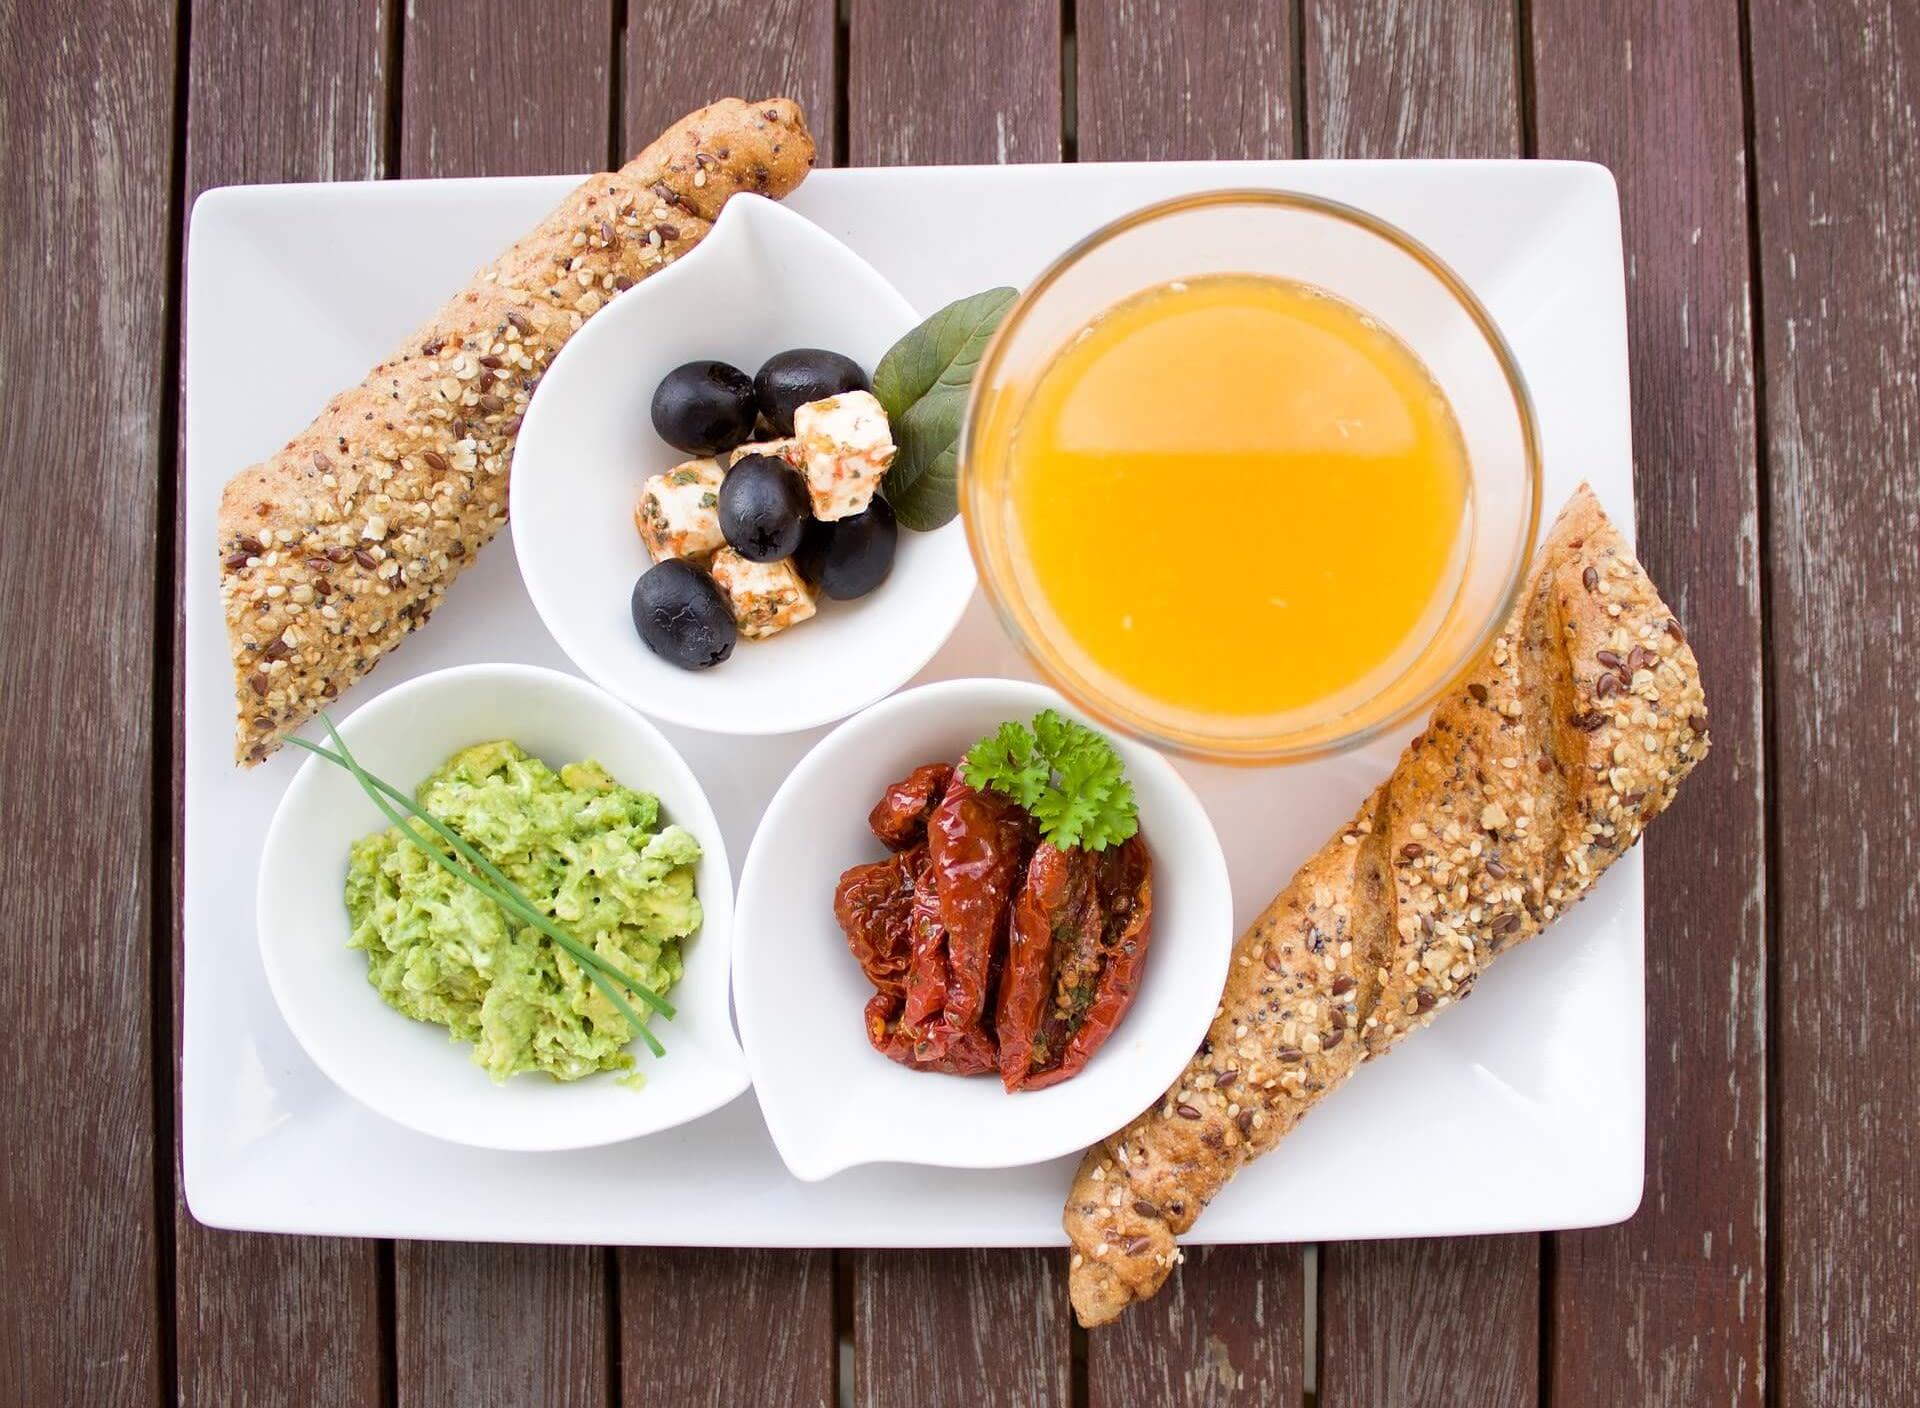 Morgenmad appelsinjuice og brød